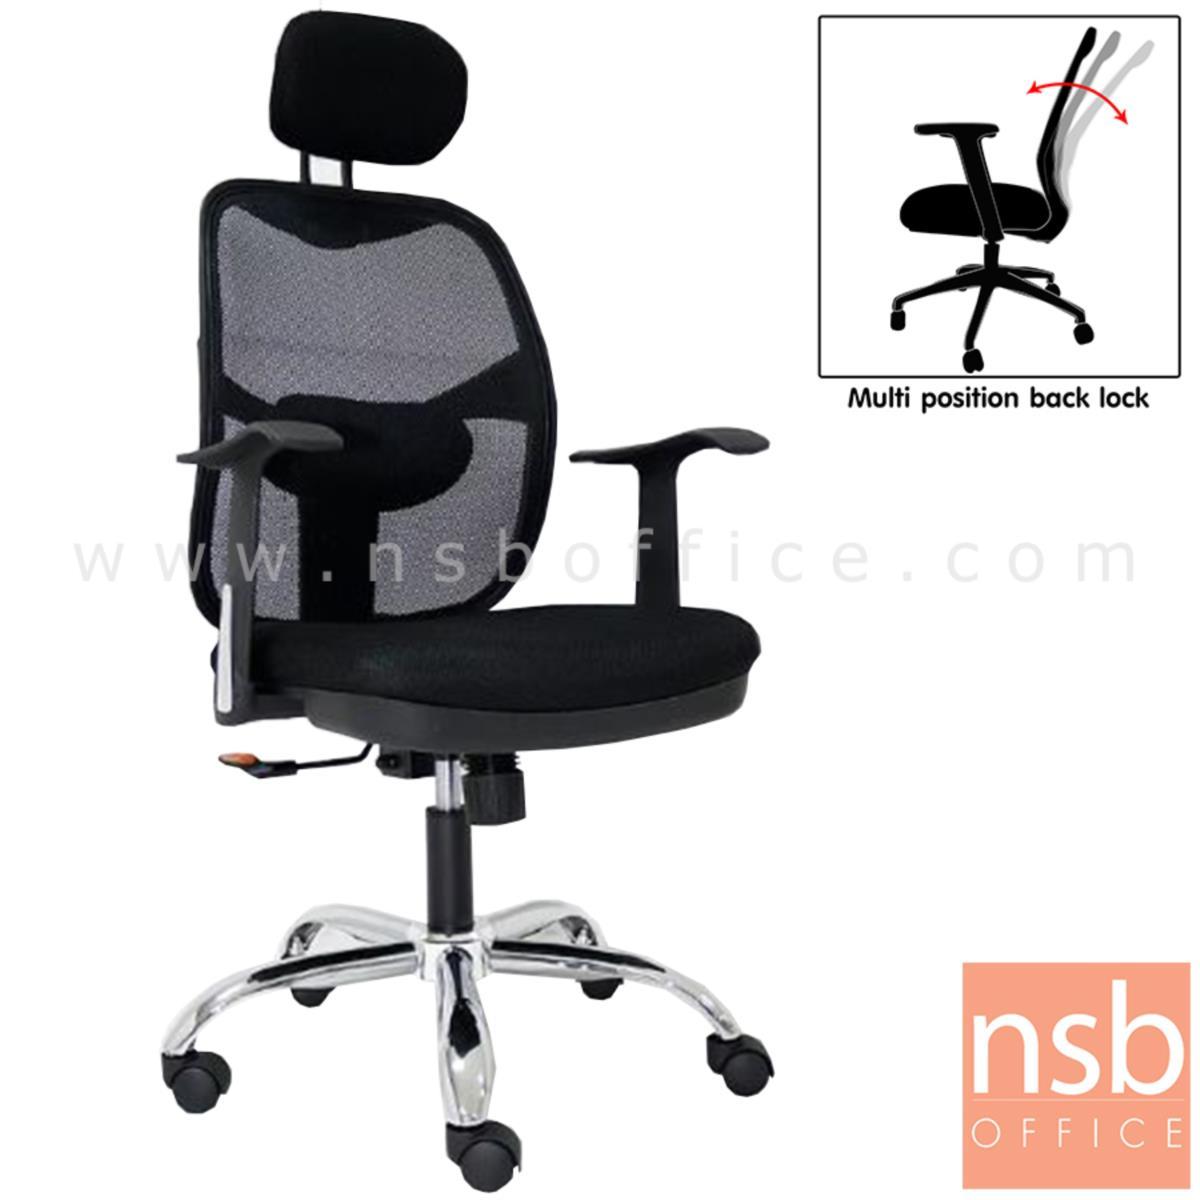 B28A115:เก้าอี้ผู้บริหารหลังเน็ต รุ่น Baxter (แบ็กซ์เตอร์) โช๊คแก๊ส มีก้อนโยก